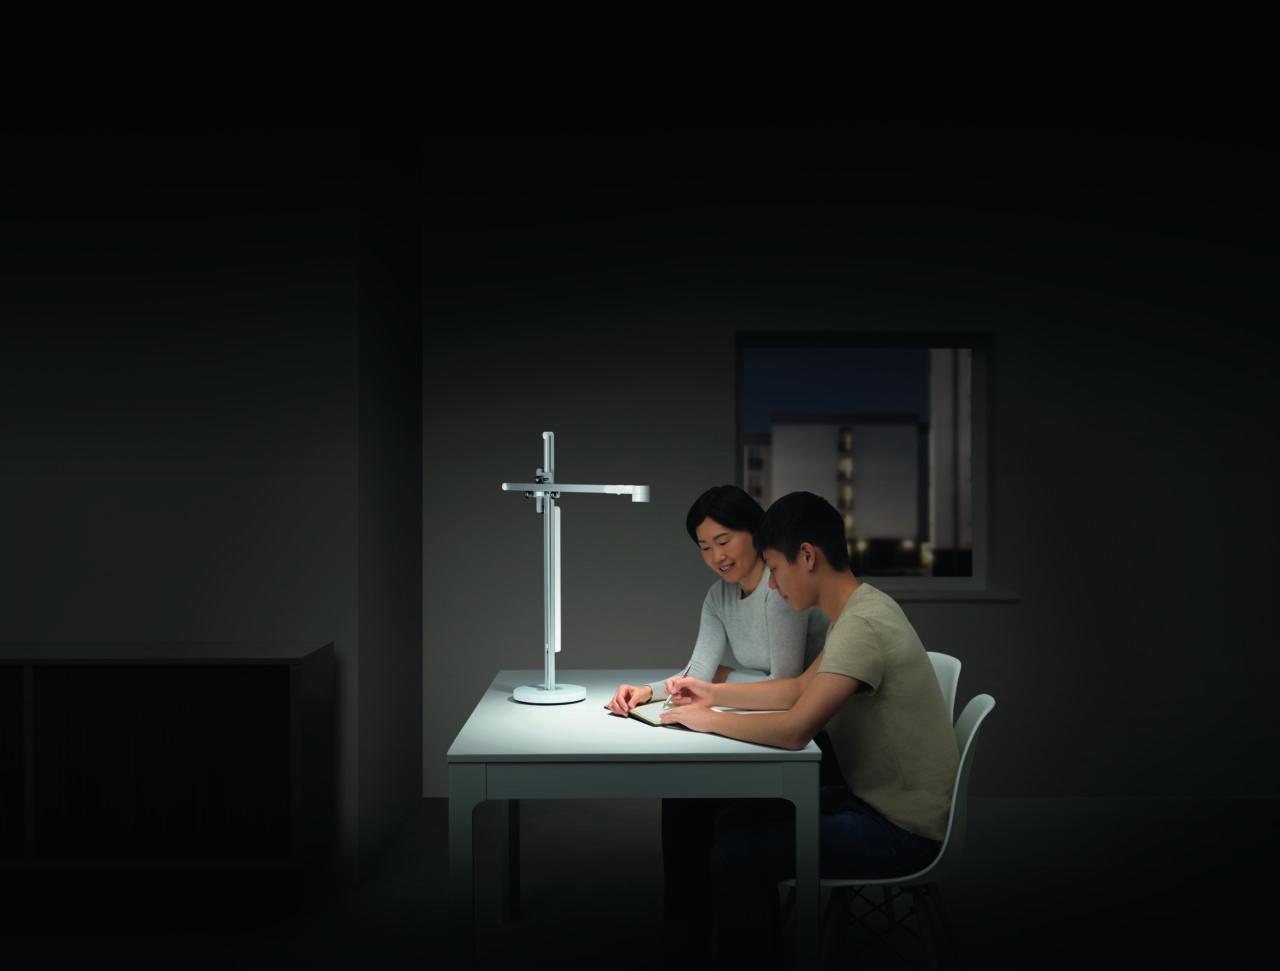 Arbeiten, Entspannen, Lesen, jede Situation verlangt nach anderem Licht. Lightcycle kombiniert diese Flexibilität mit dem jeweiligen Tageslicht